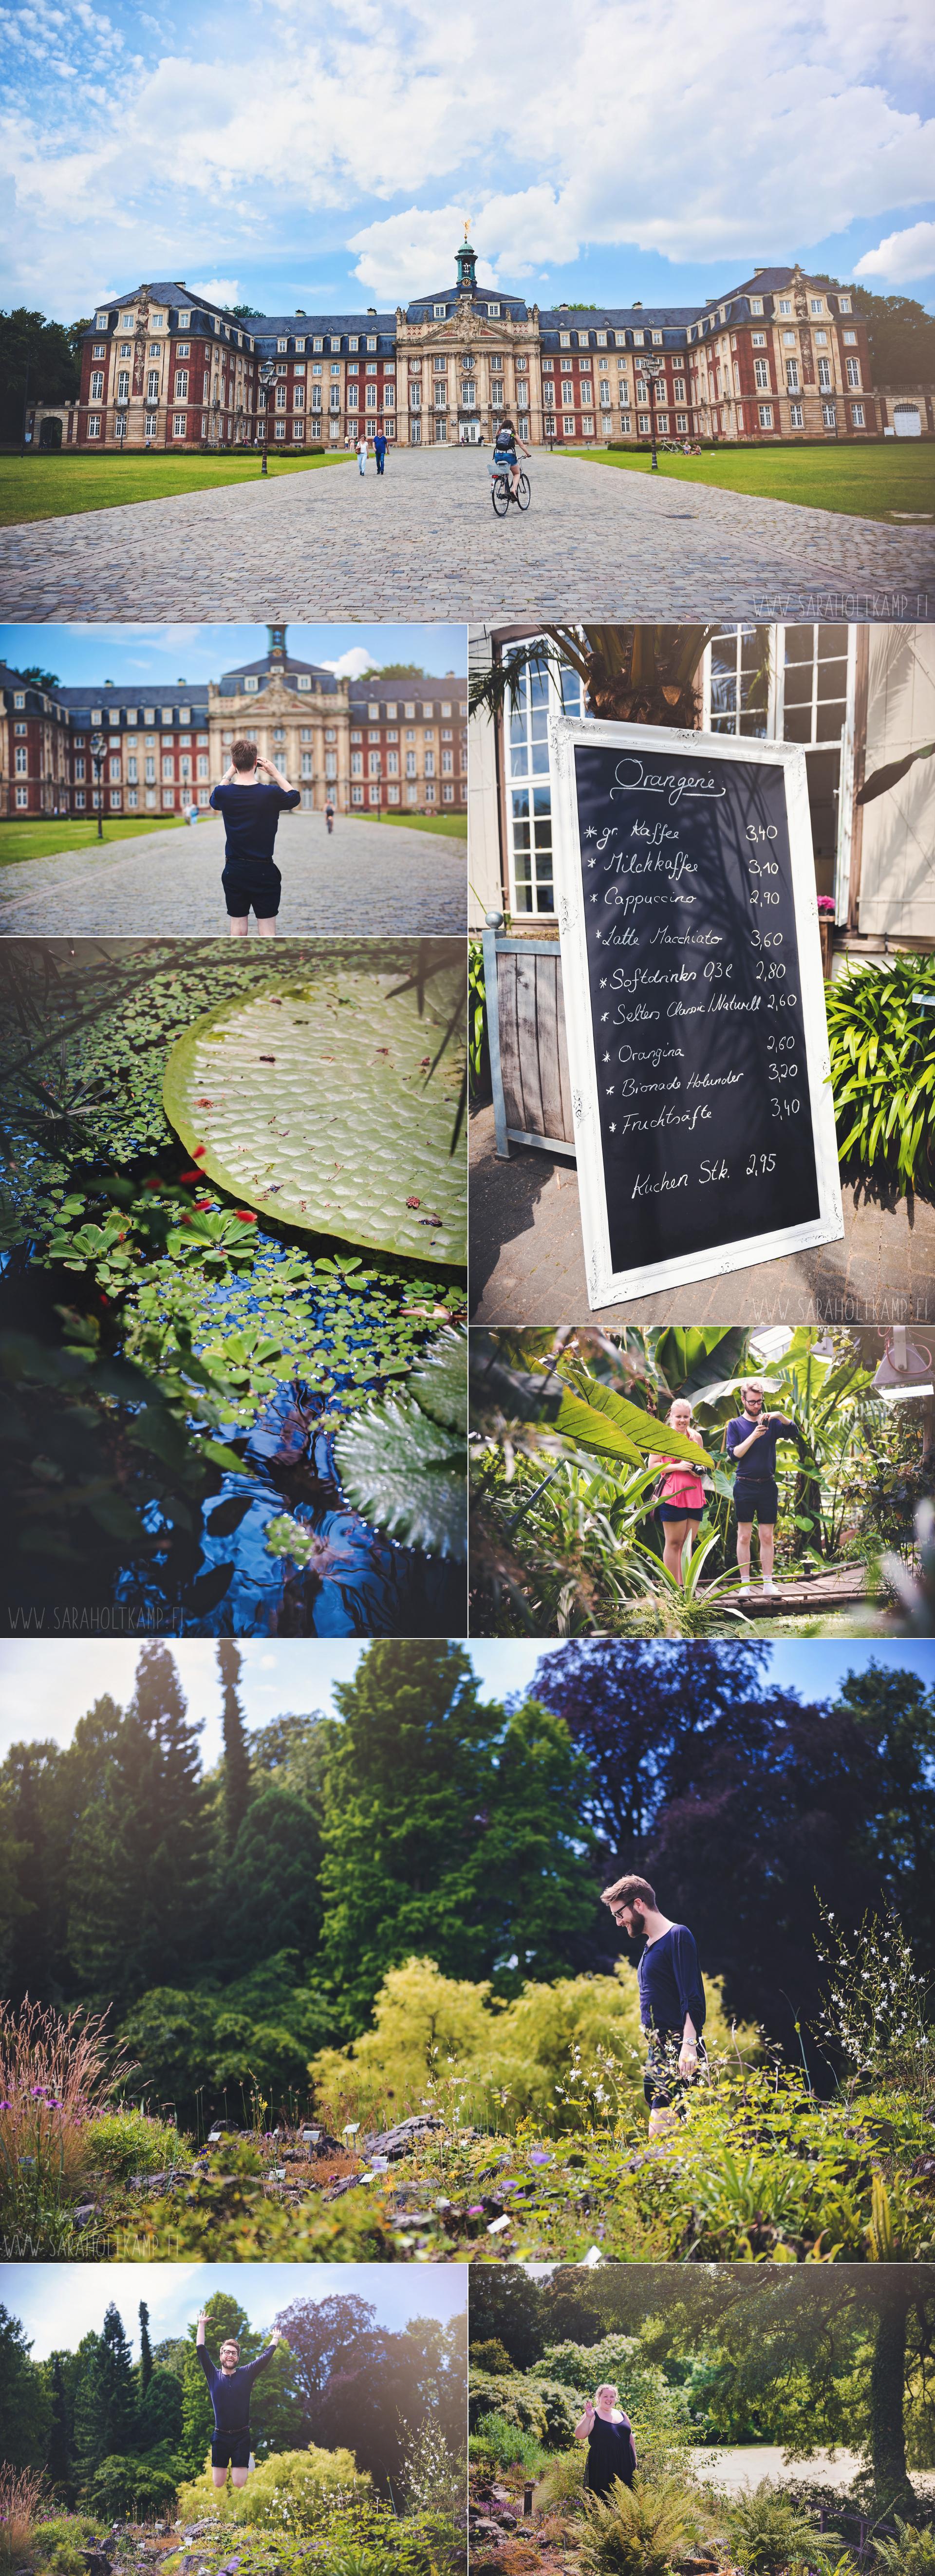 Münster botanical gardens